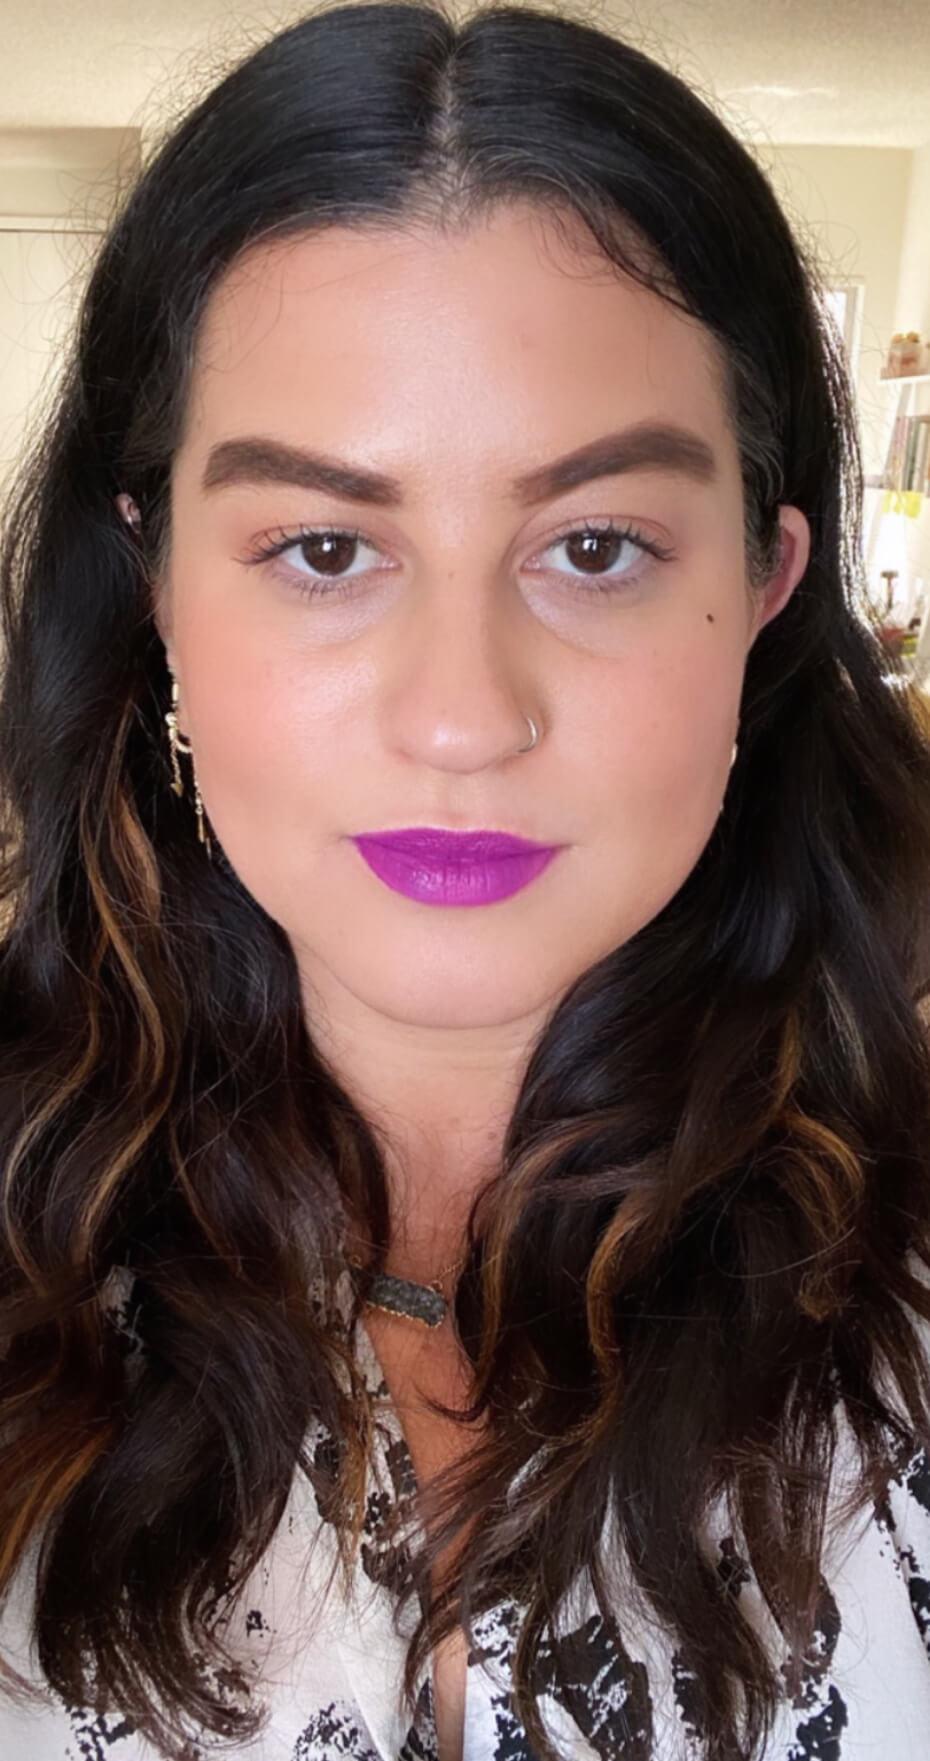 lipstick-popbeauty-omg-violet-072920-1